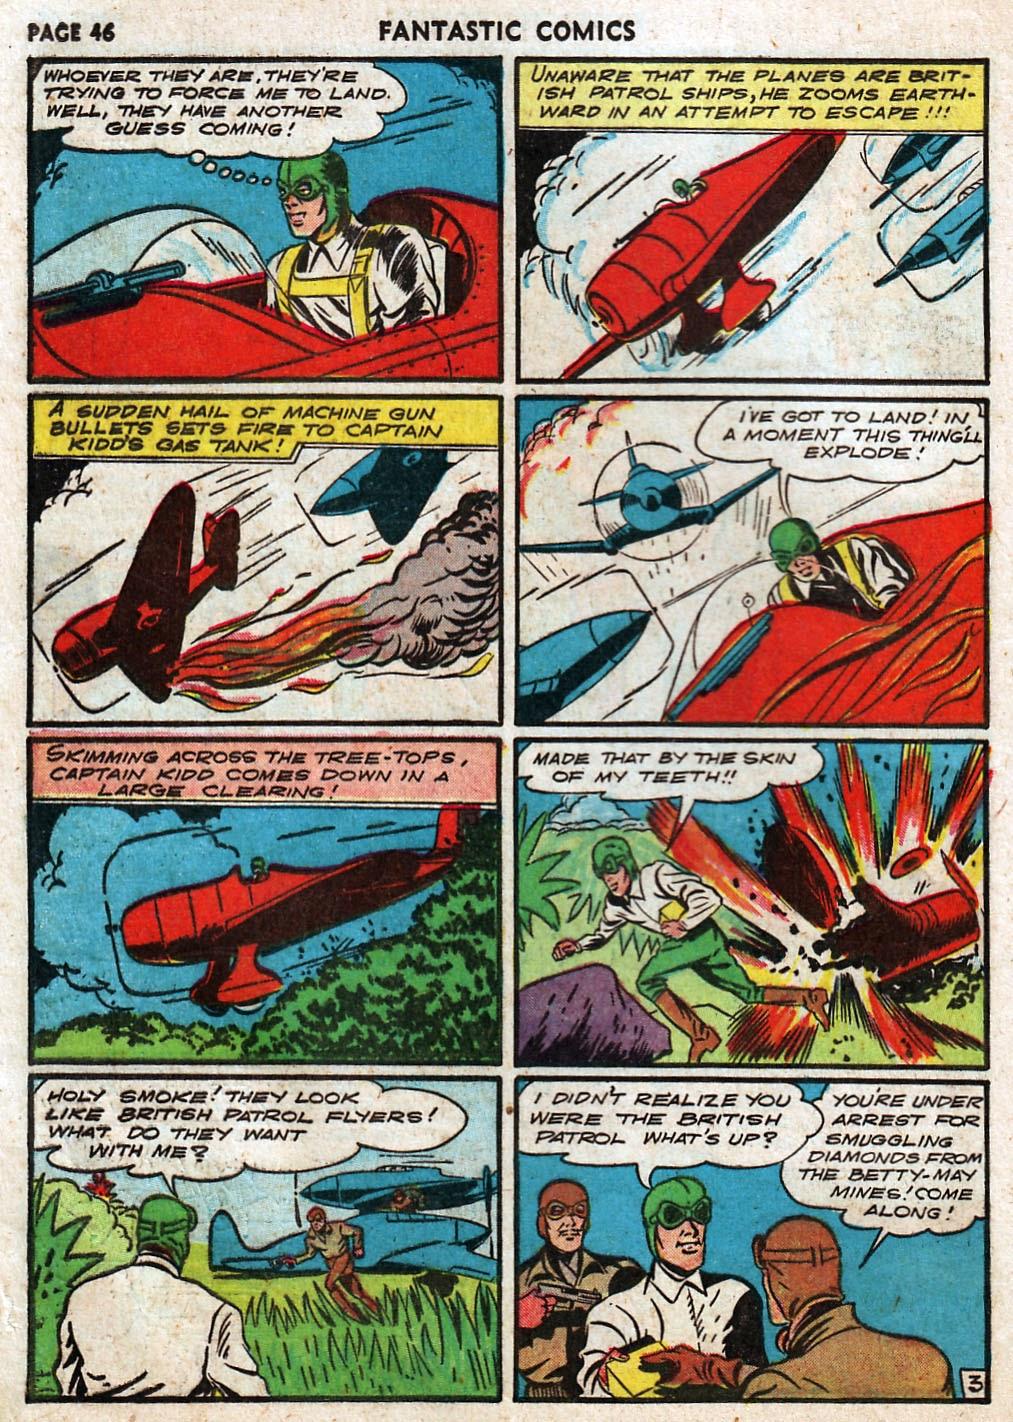 Read online Fantastic Comics comic -  Issue #17 - 47